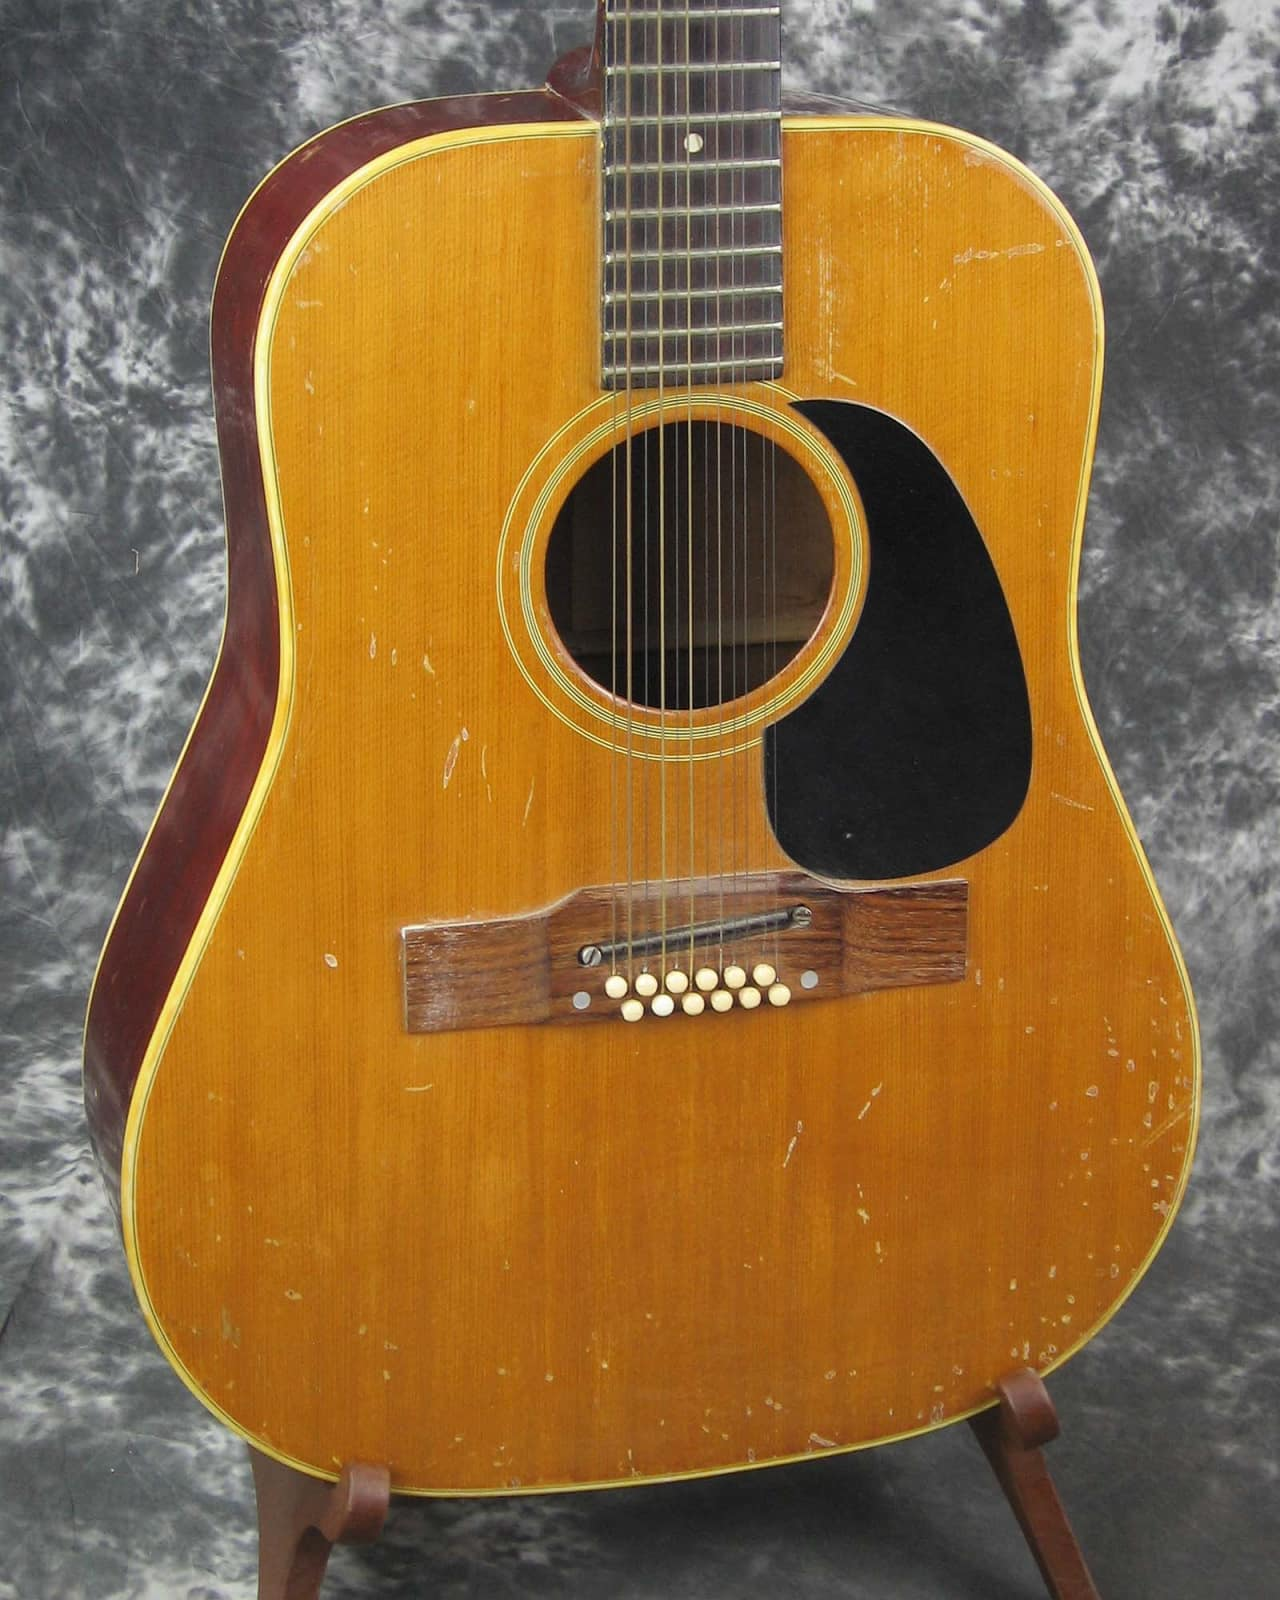 vintage 1964 model gibson b 4512 12 string acoustic guitar reverb. Black Bedroom Furniture Sets. Home Design Ideas